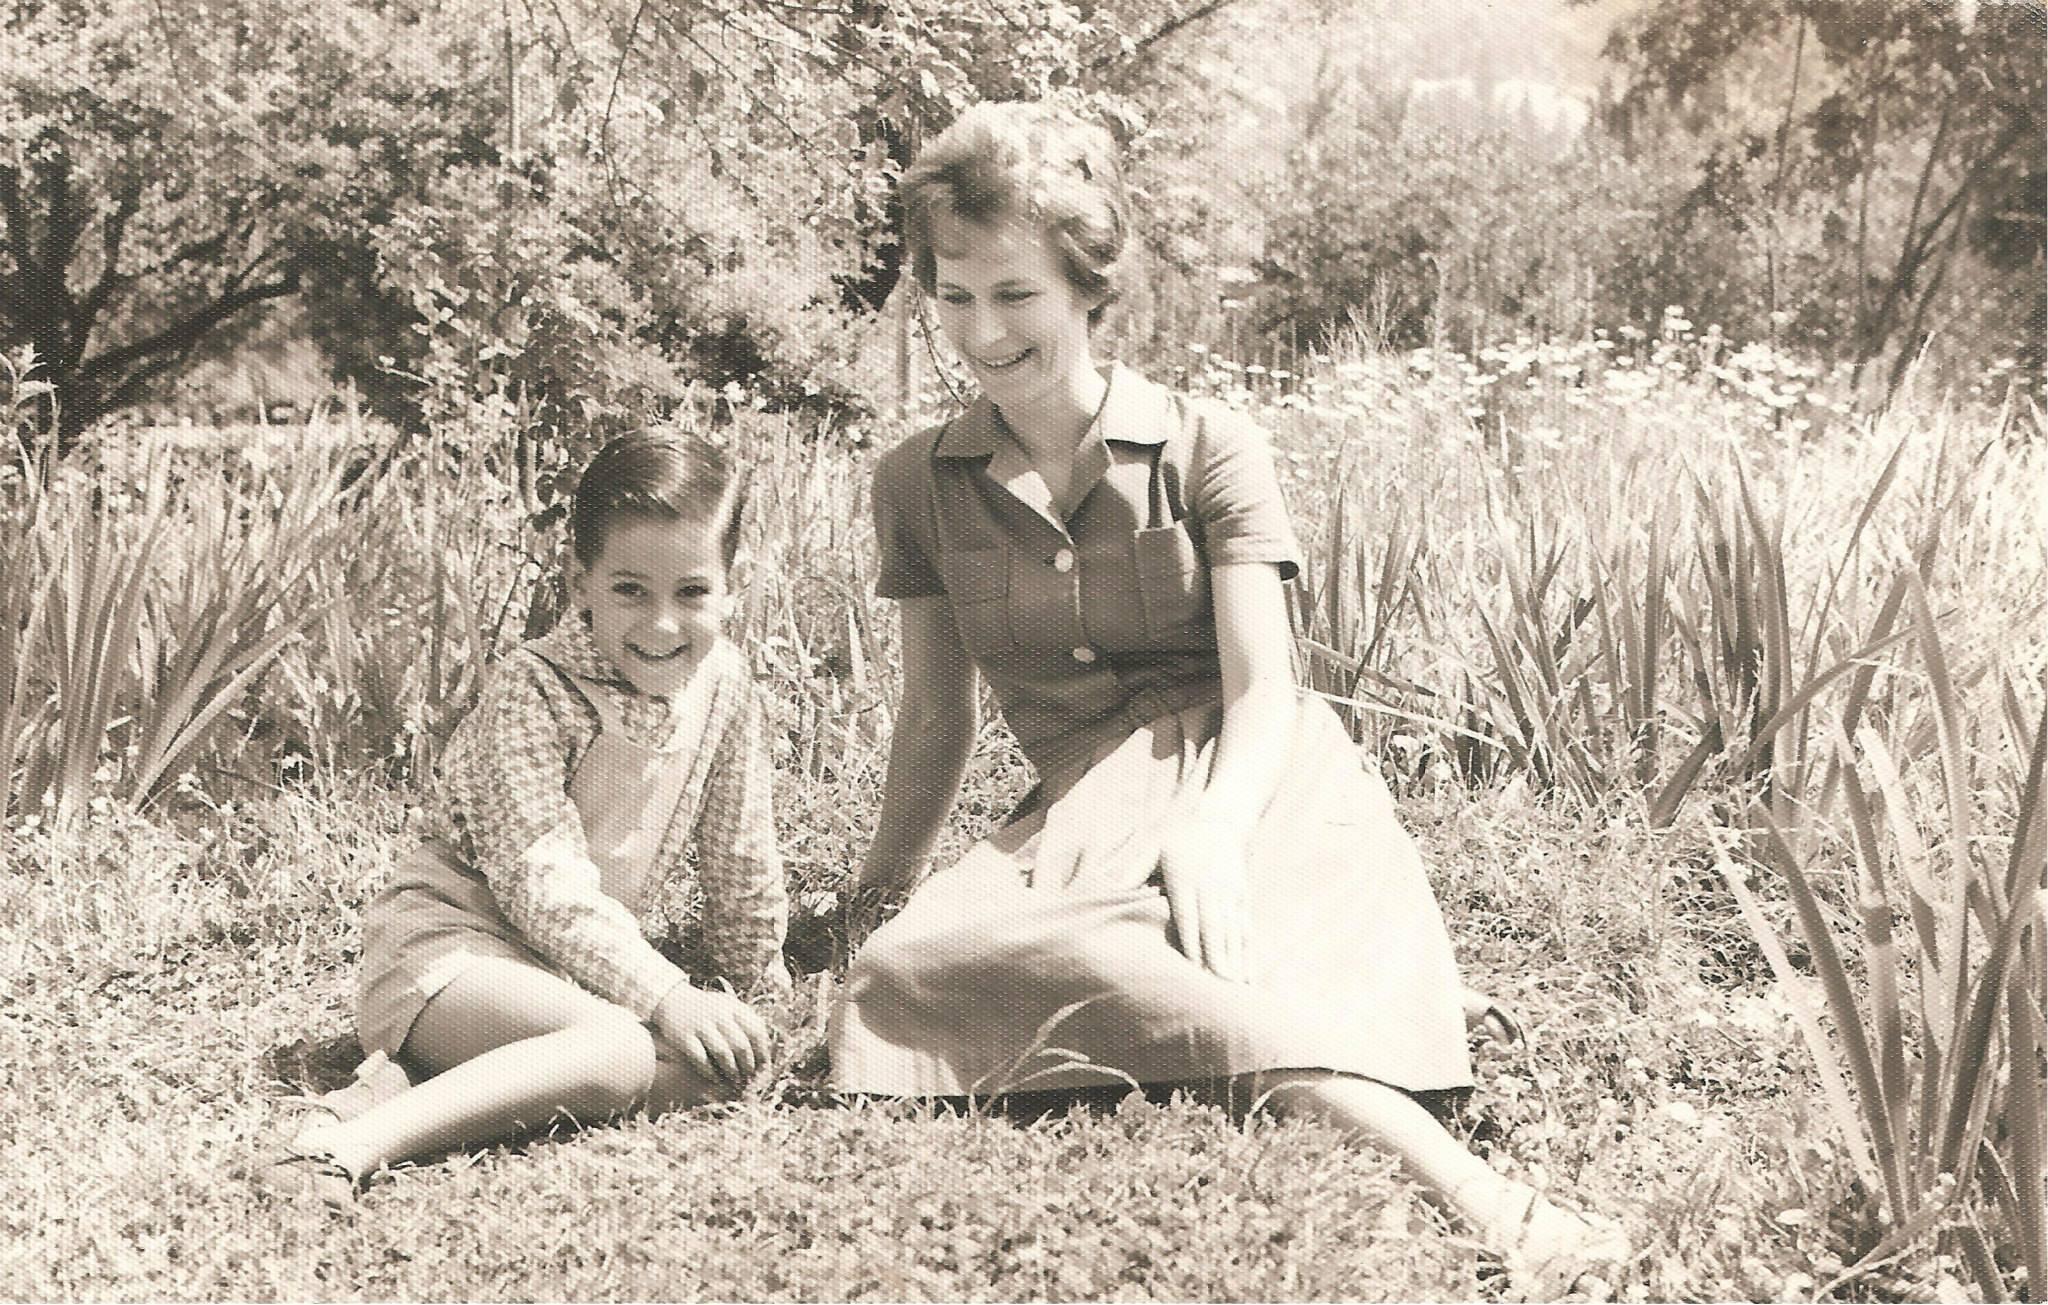 Enterreno - Fotos históricas de chile - fotos antiguas de Chile - Día de parque en Providencia, 1966